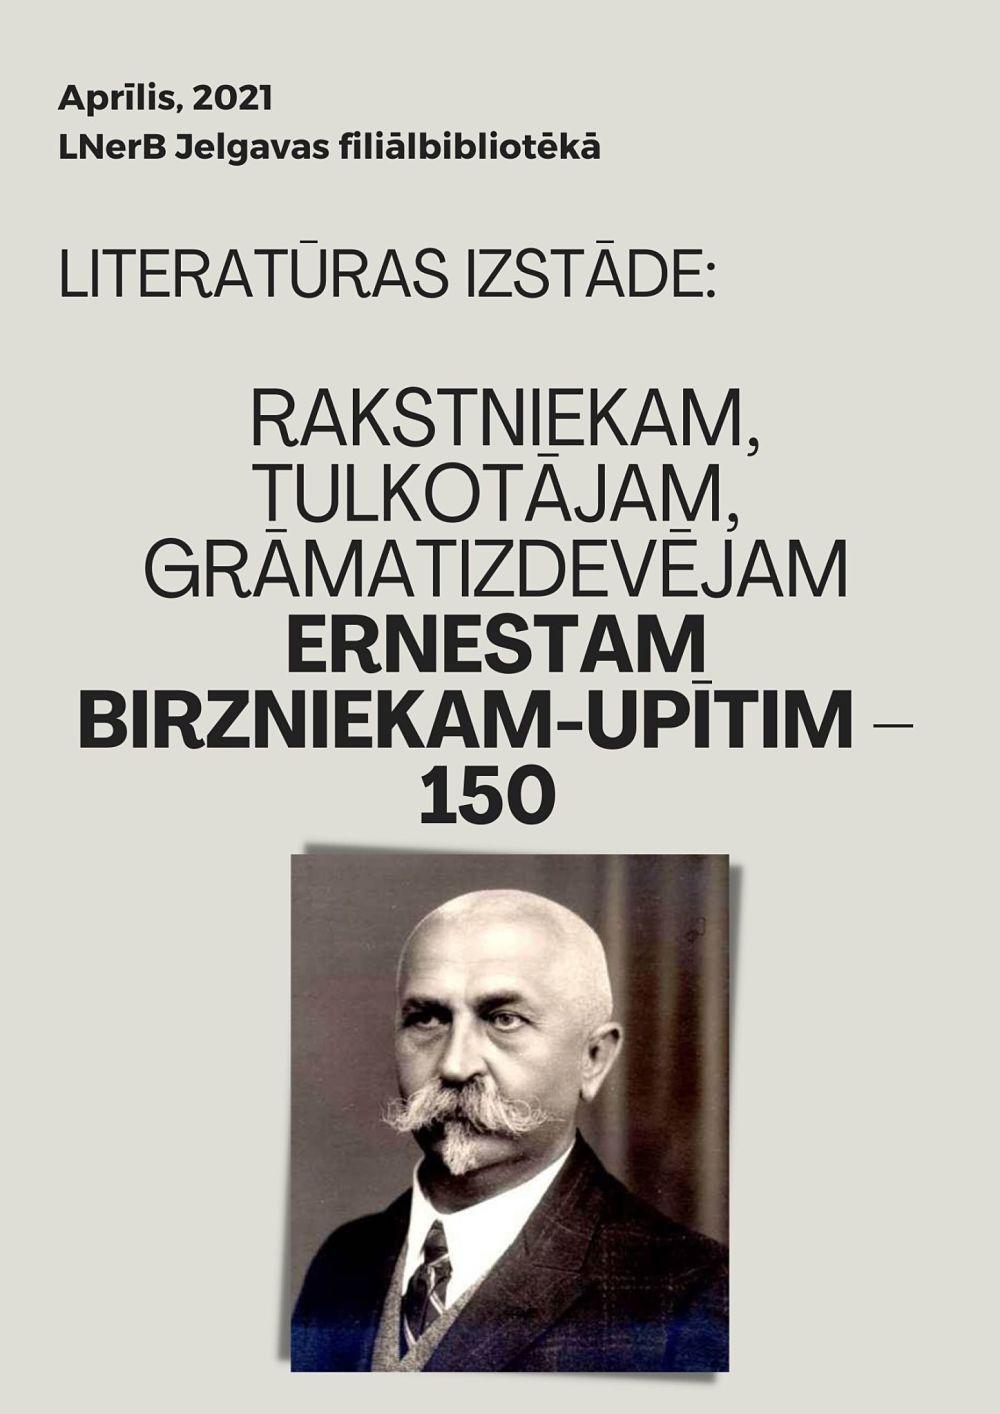 Plakāts izstādei Ernestam Birzniekam-Upītim – 150